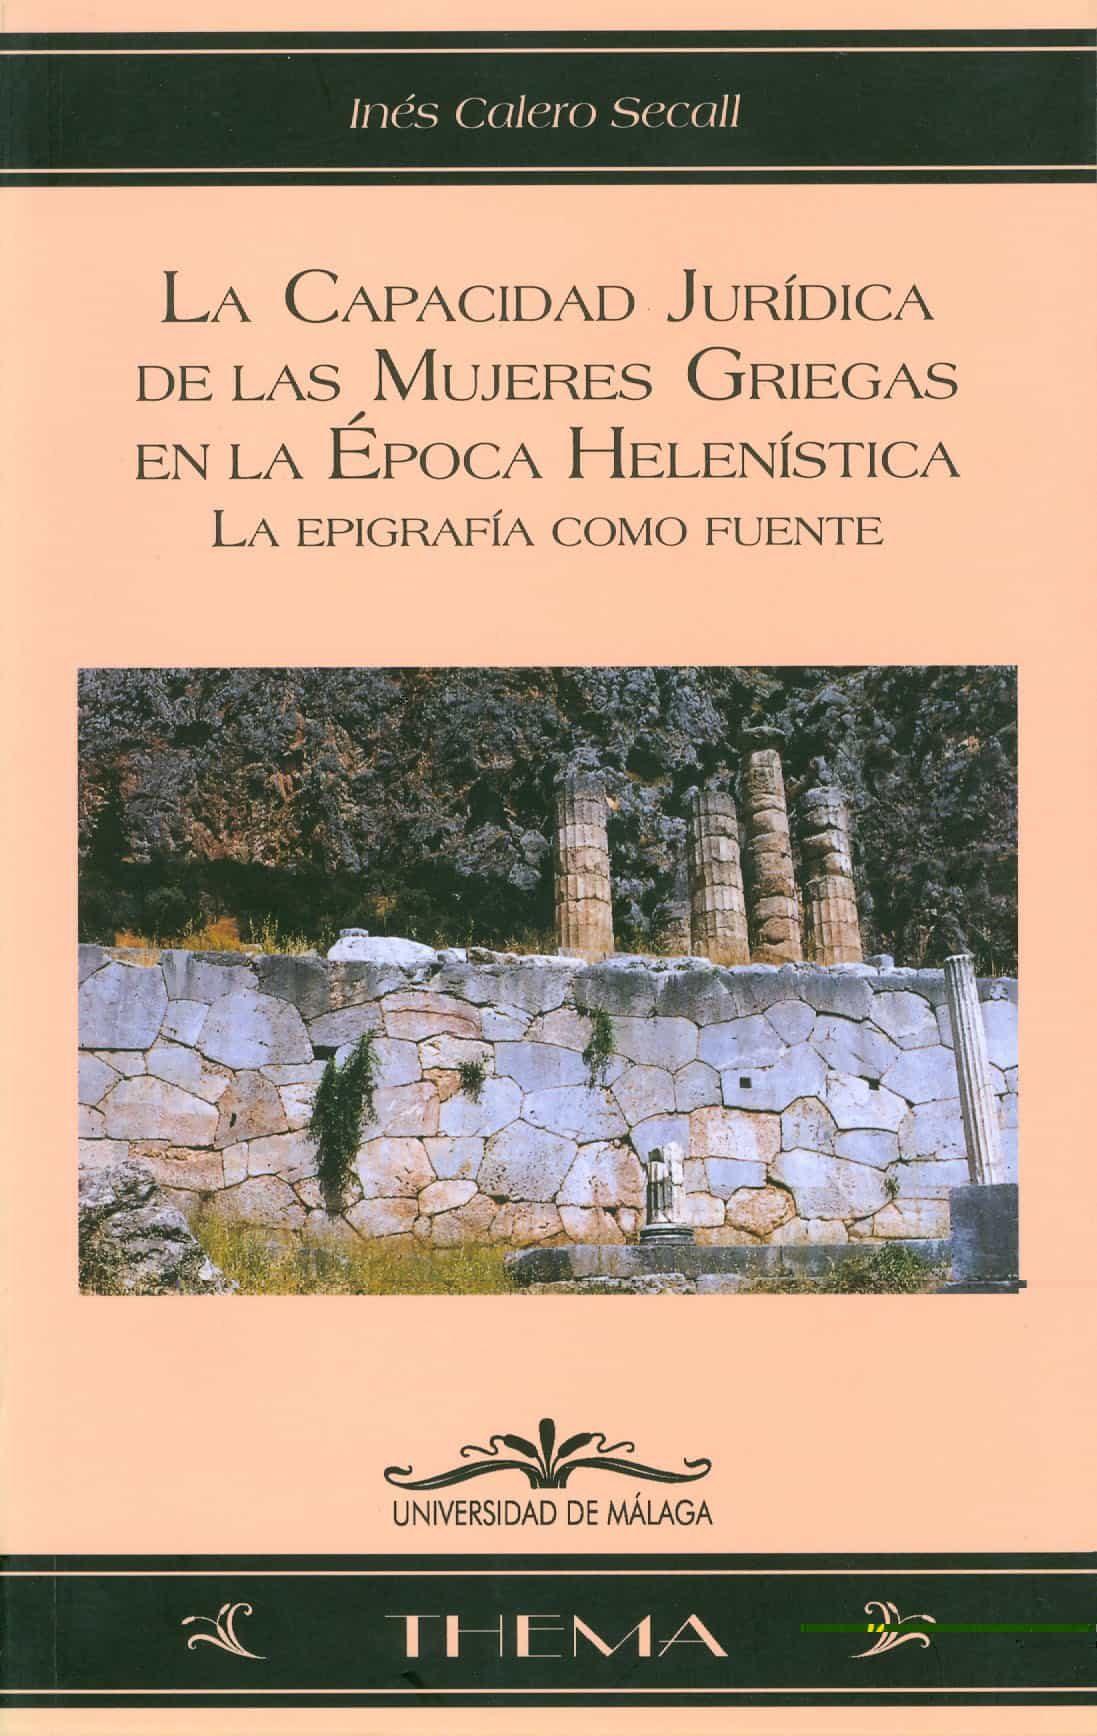 La Capacidad Juridica De Las Mujeres Griegas En La Epoca Helenist Ica por Ines Calero Secall